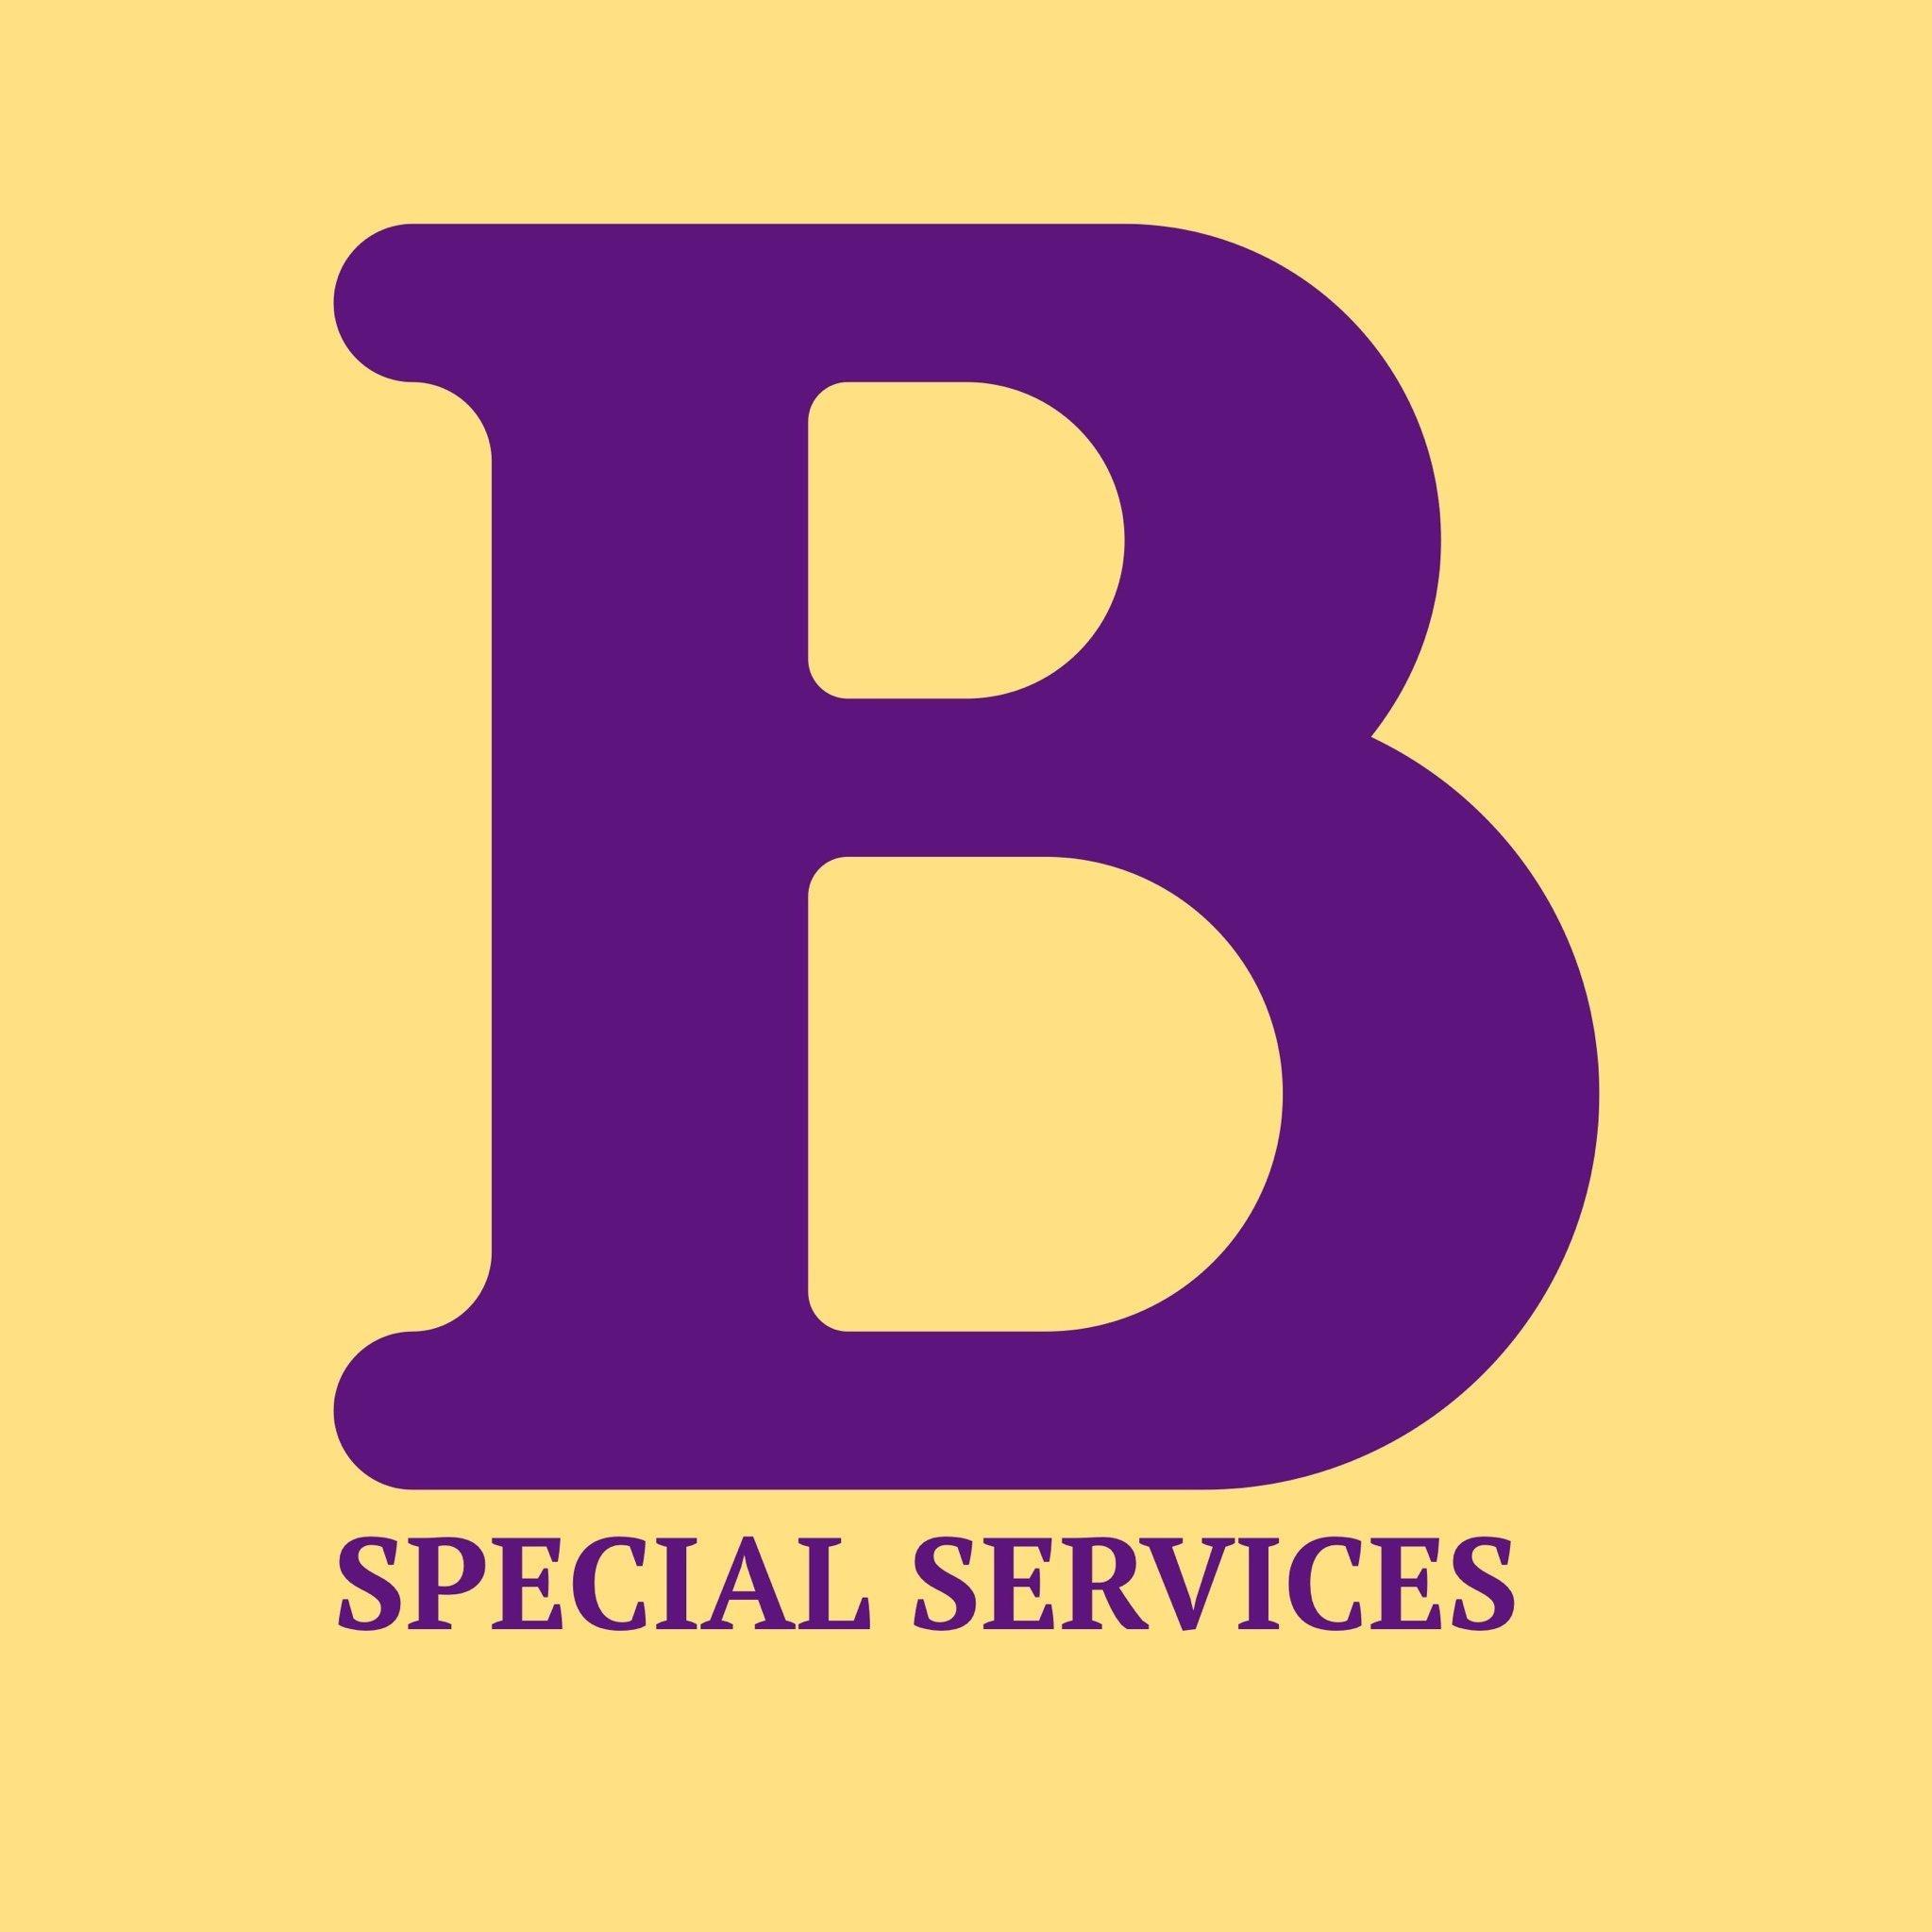 Bogota Special Services